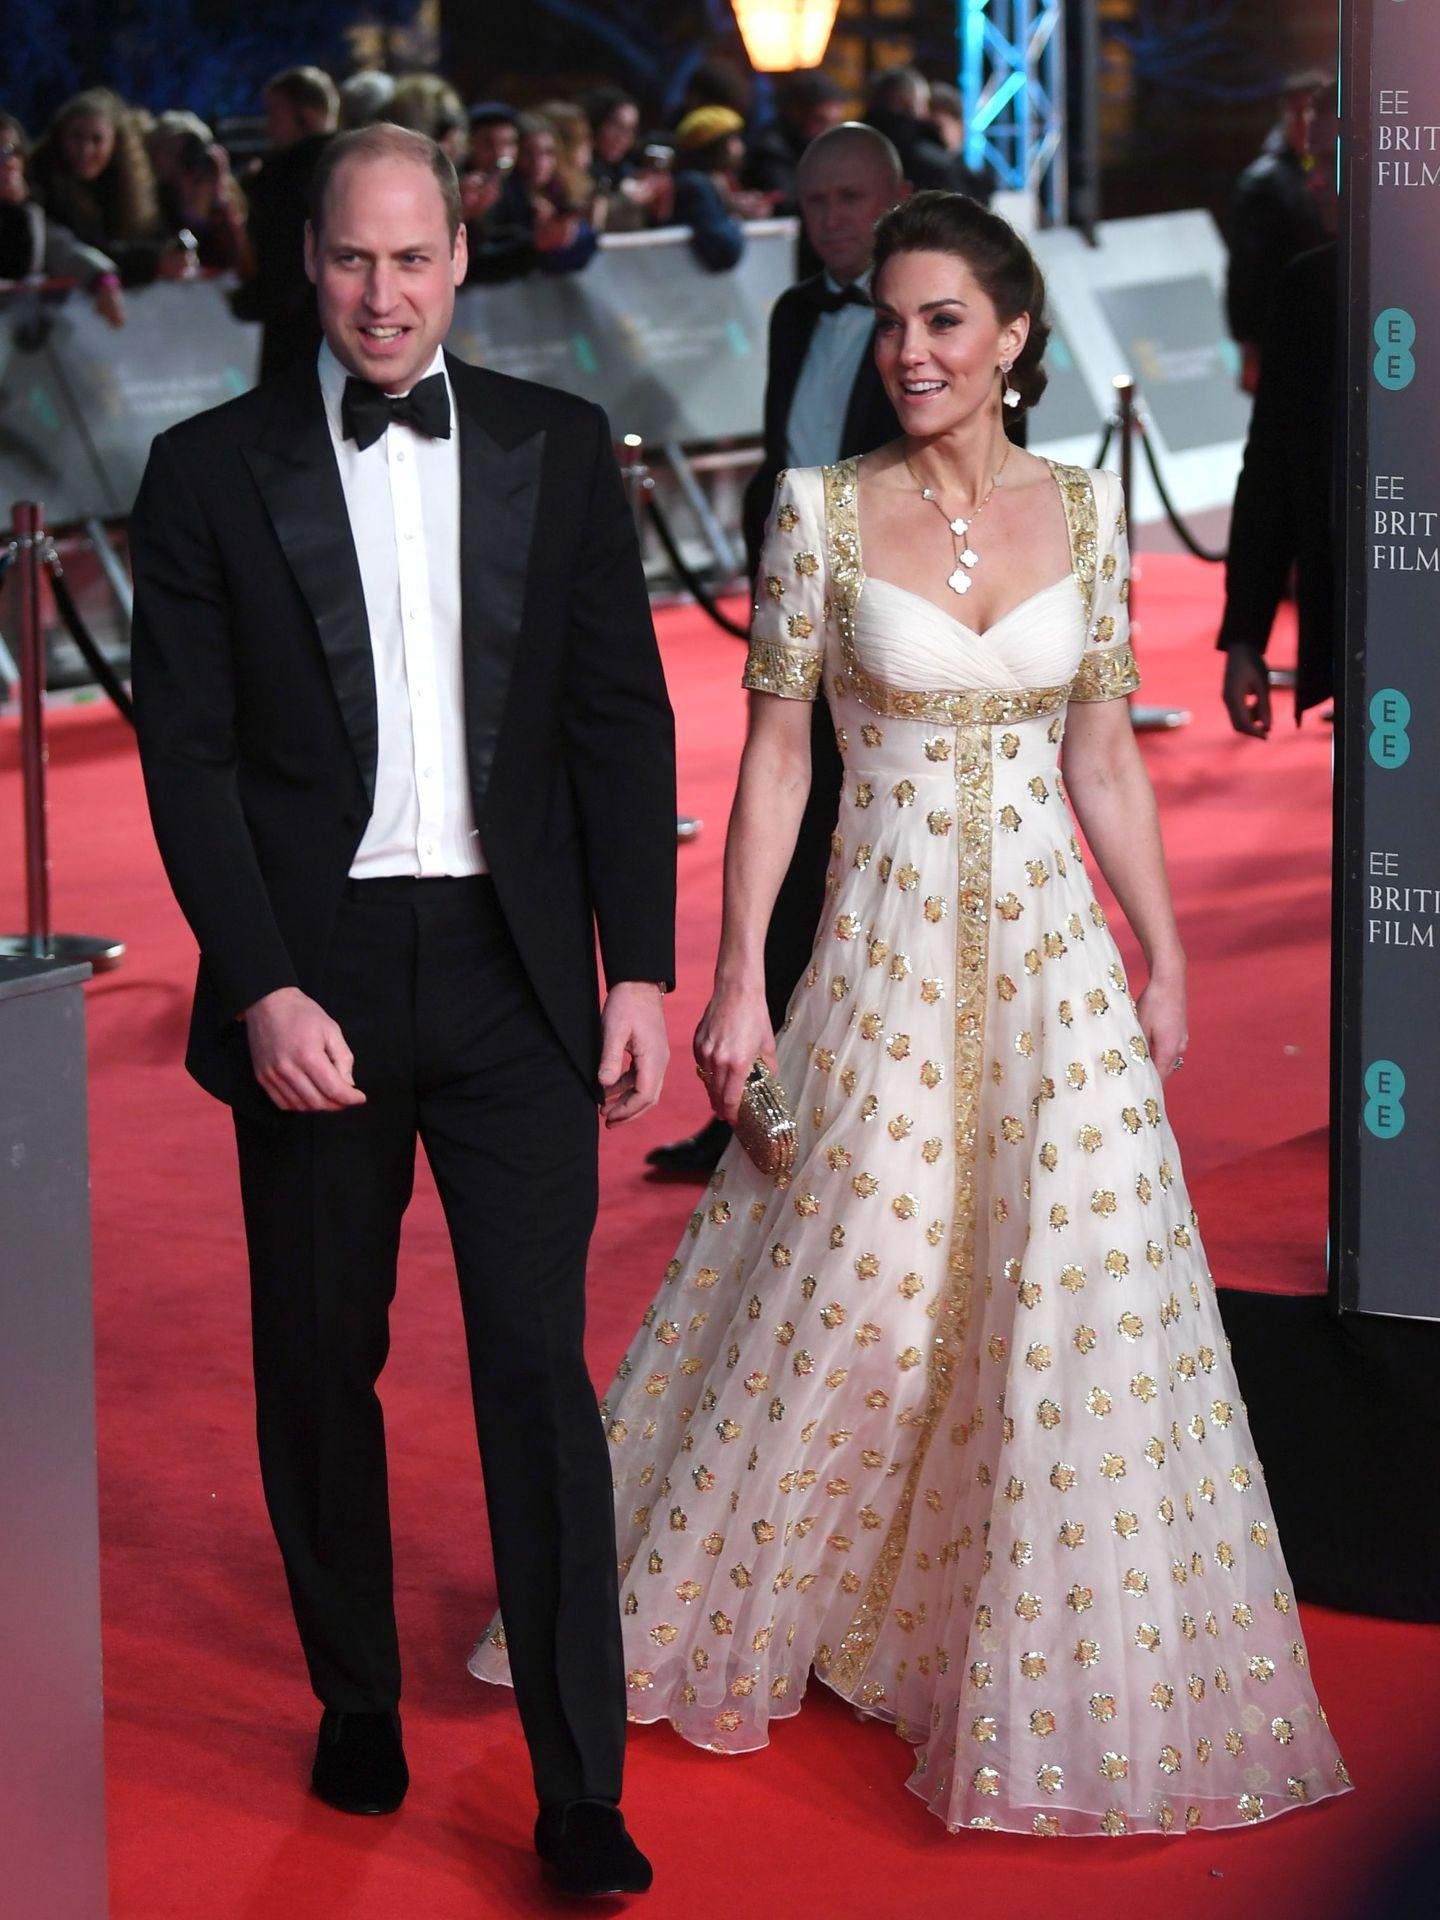 Kate Middleton, en la última edición de los Bafta, con vestido de Alexander McQueen. (EFE)